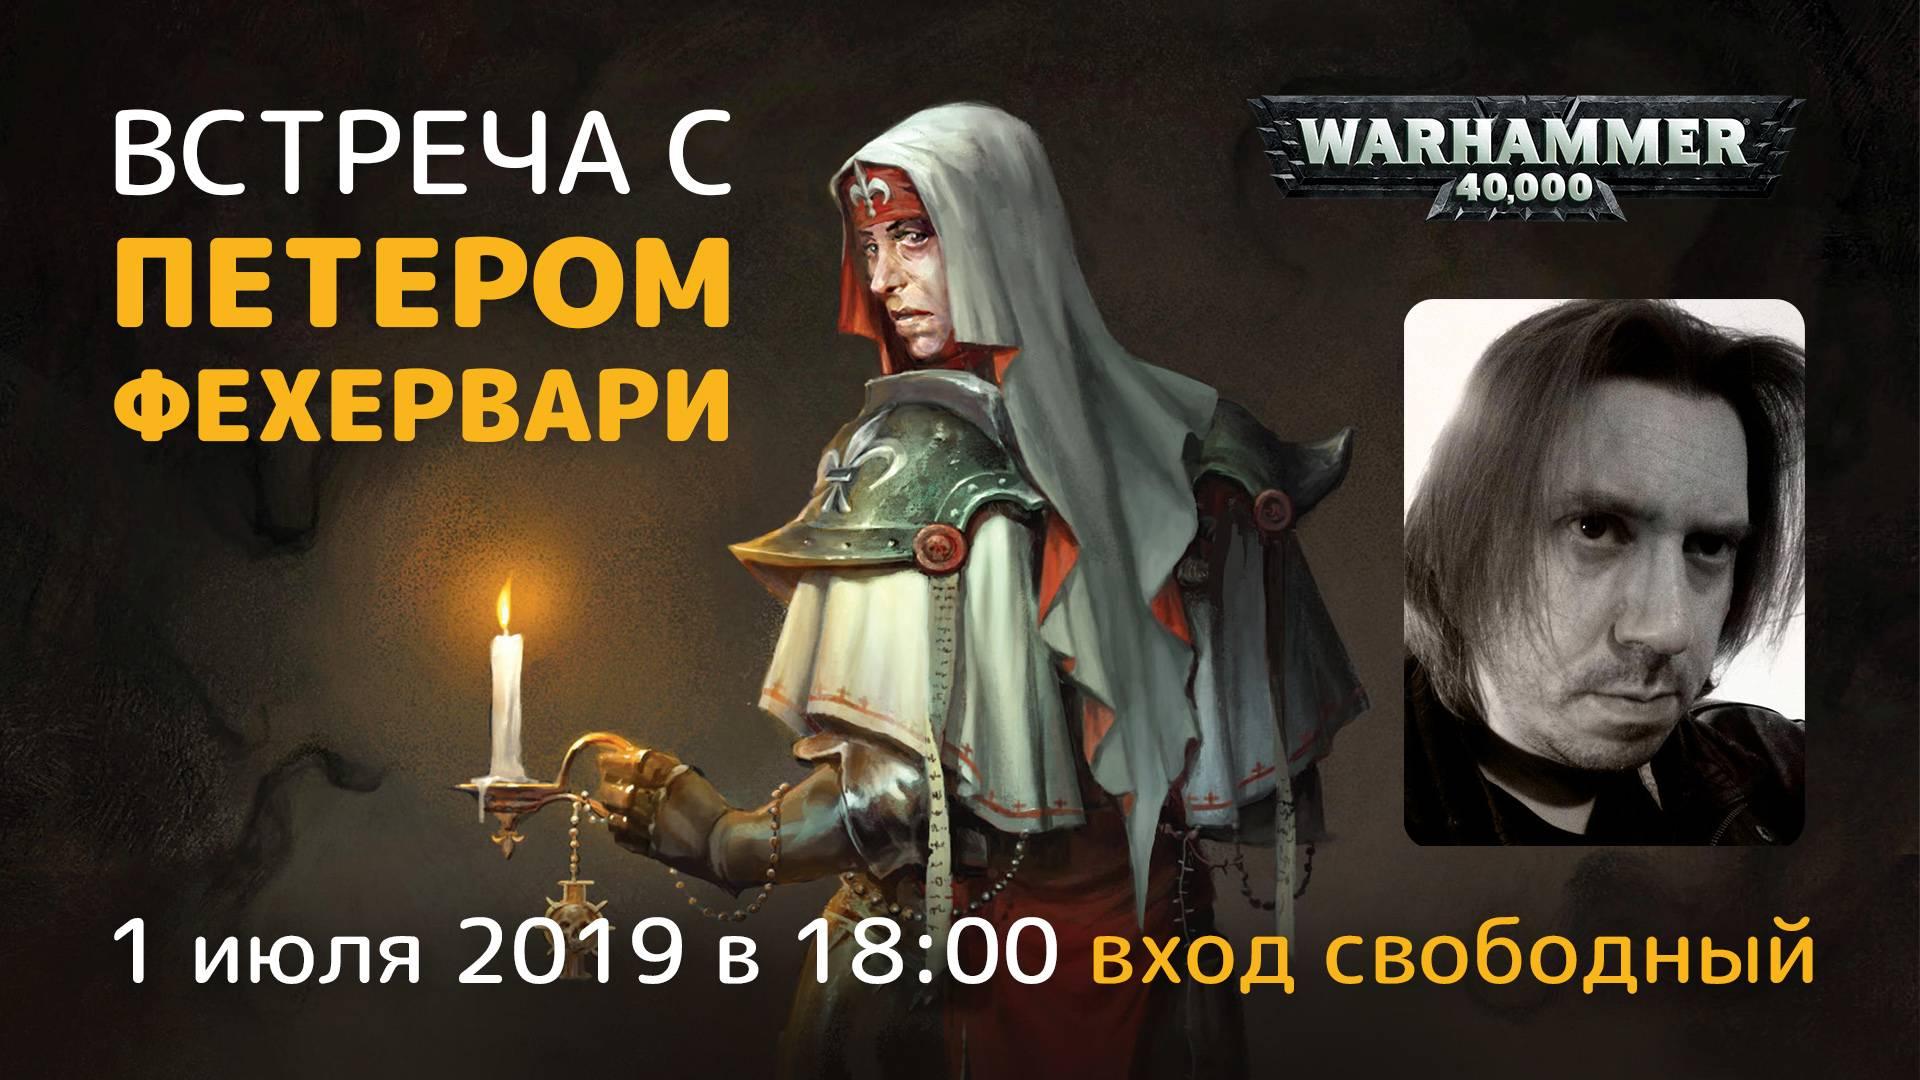 В Россию впервые приедет фантаст Петер Фехервар —один из авторов романов по Warhammer 40,000